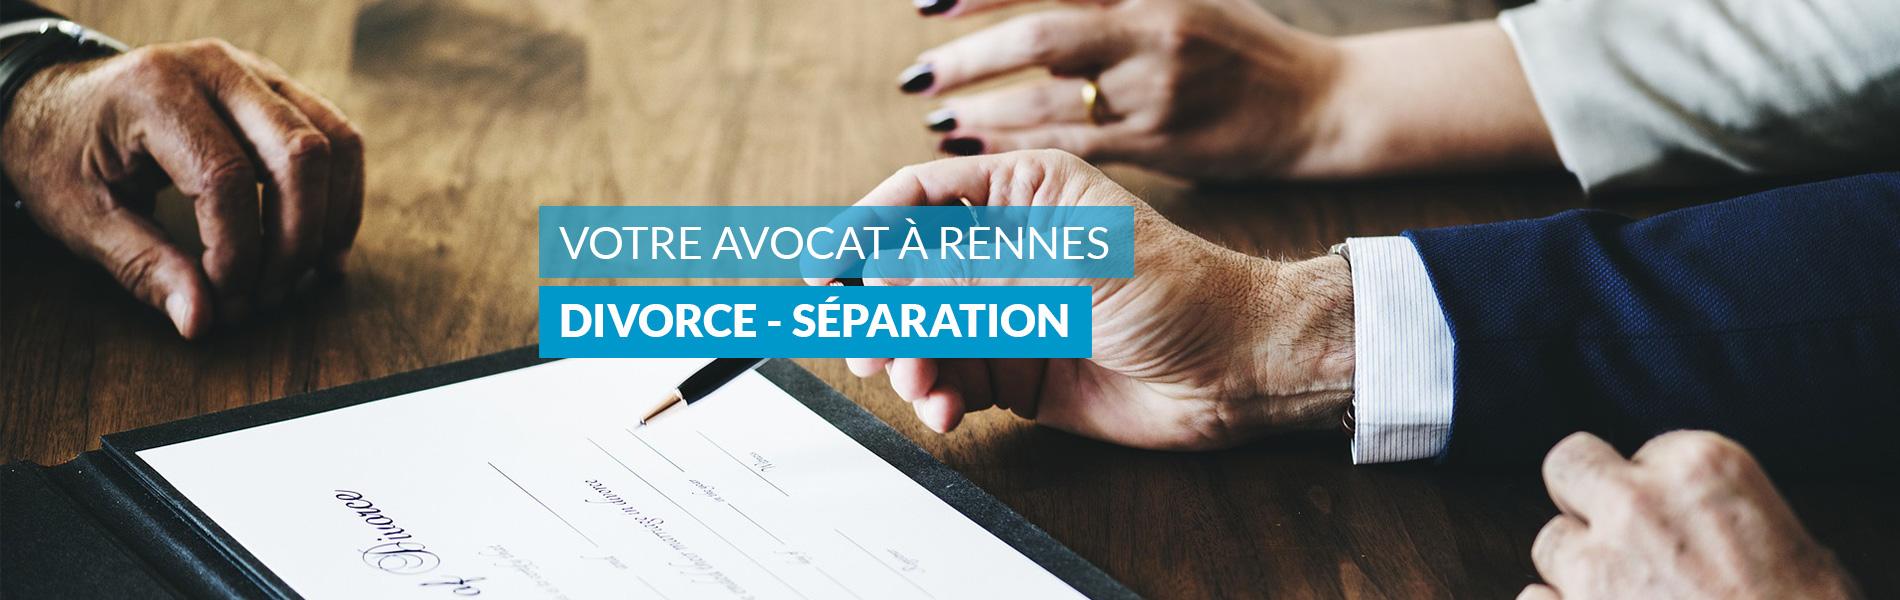 Avocats Rennes pluriel avocat divorce séparation